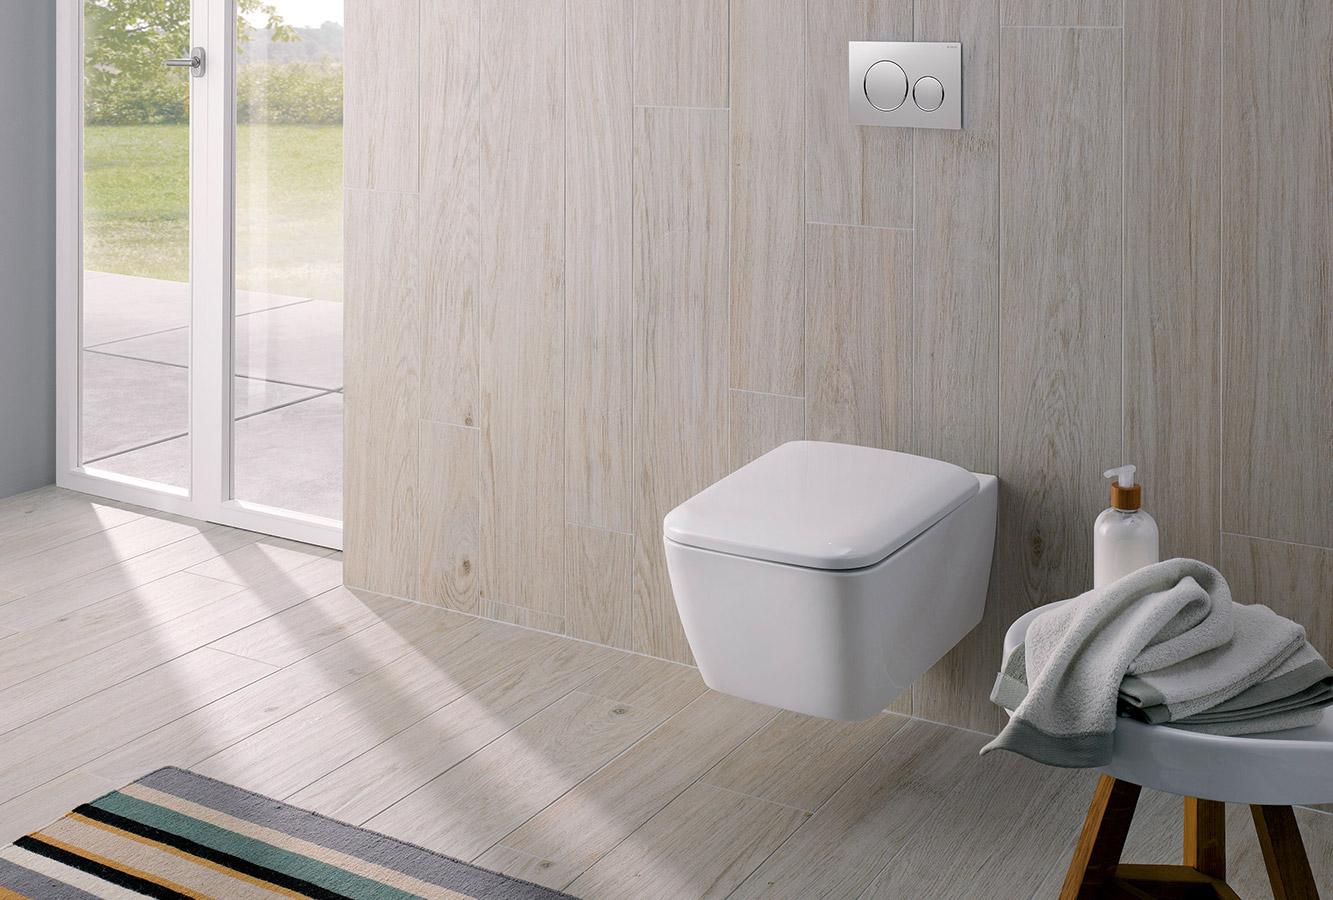 Wc Suspendu 4 Pieds wc avec bride et wc sans bride : quelles différences ?